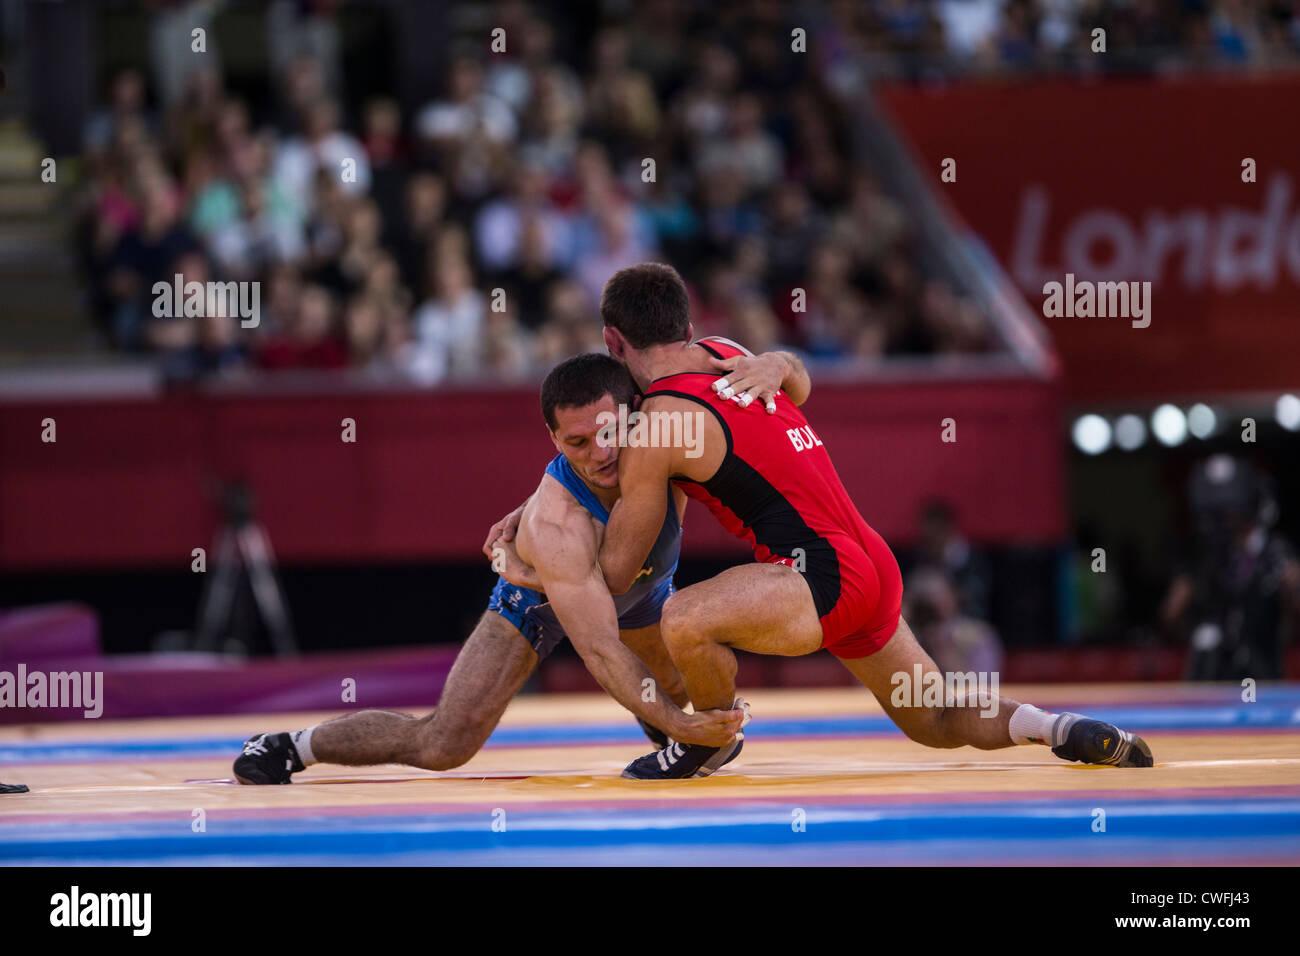 Hombre de 55 kg de Lucha Libre en el verano de los Juegos Olímpicos de Londres 2012 Imagen De Stock